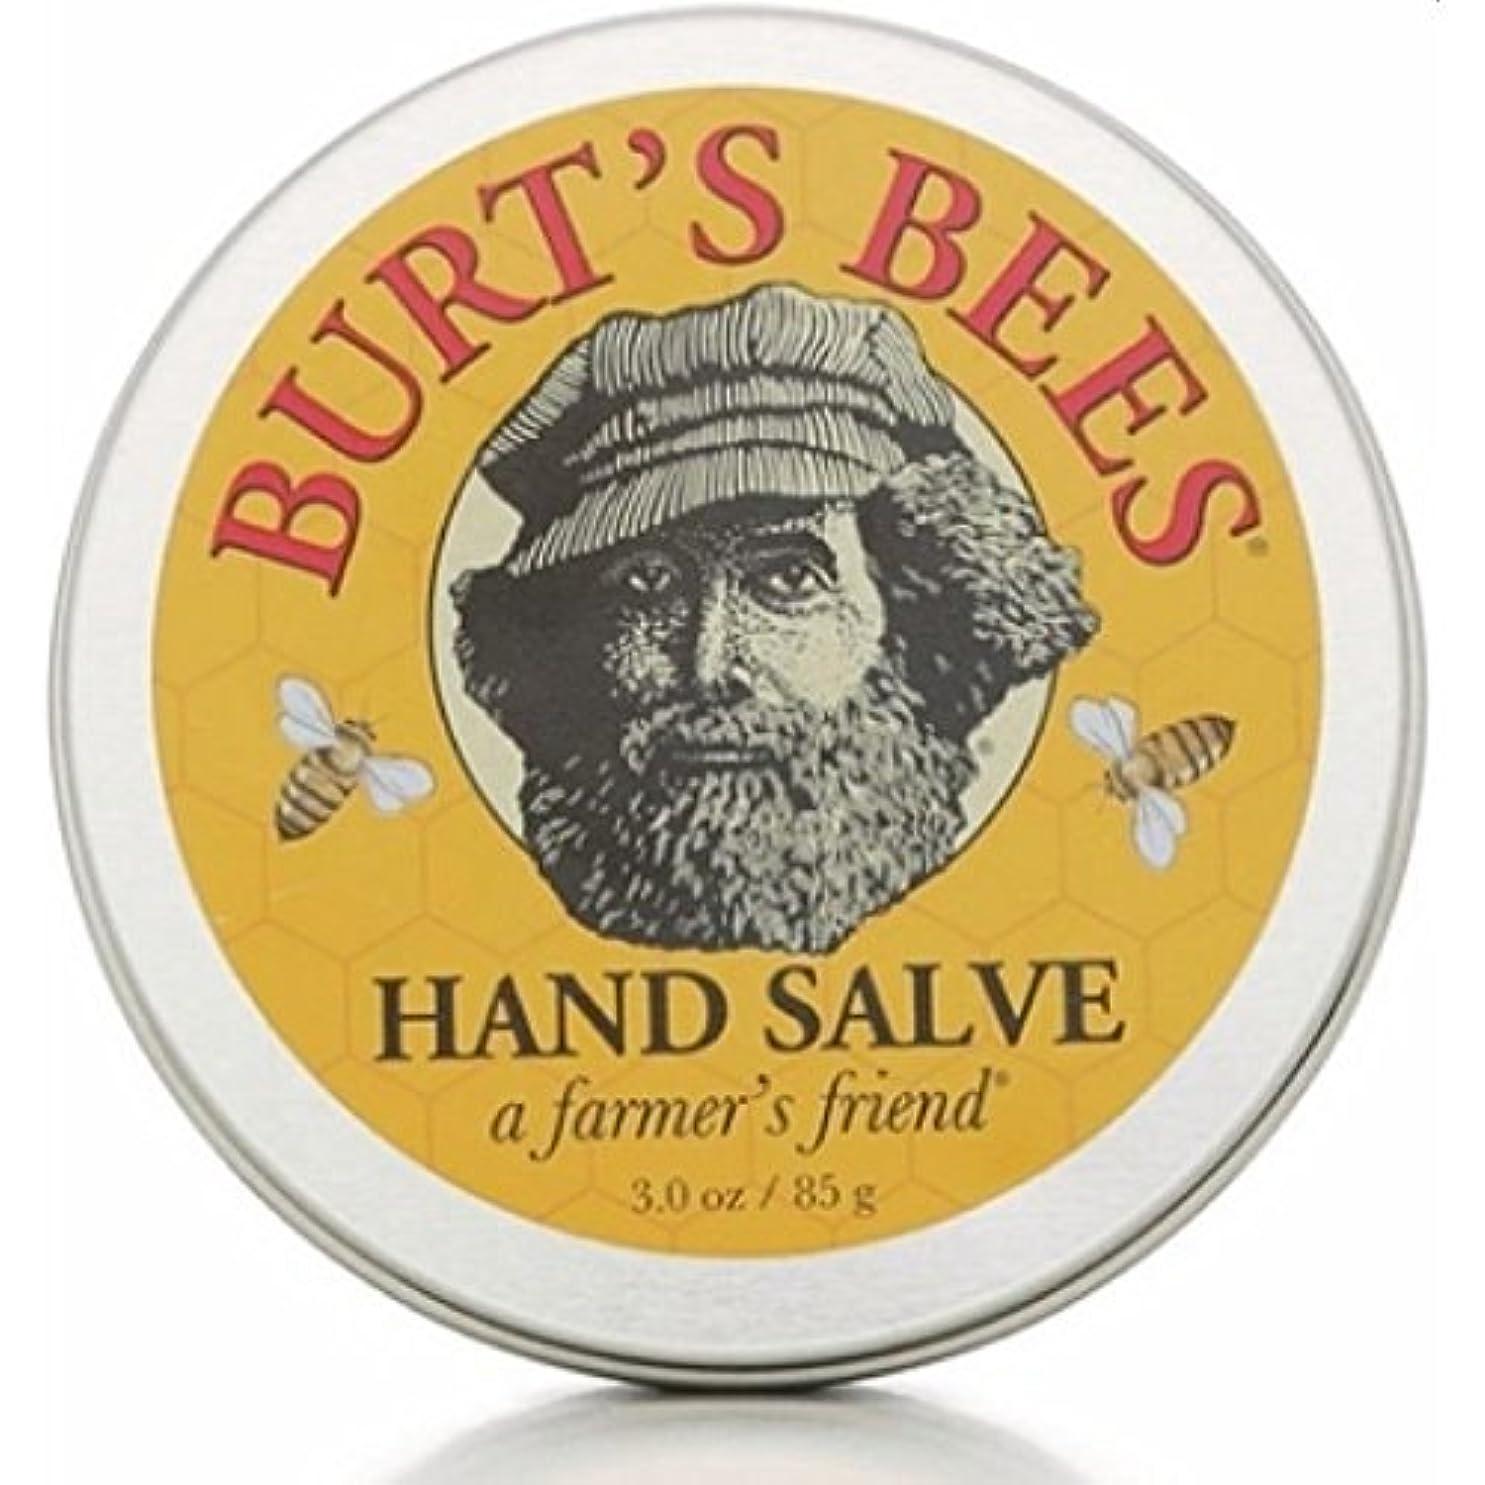 先生ルーチン死の顎バーツビーズ Burts Bees ハンドサルブ 85g 【並行輸入品】